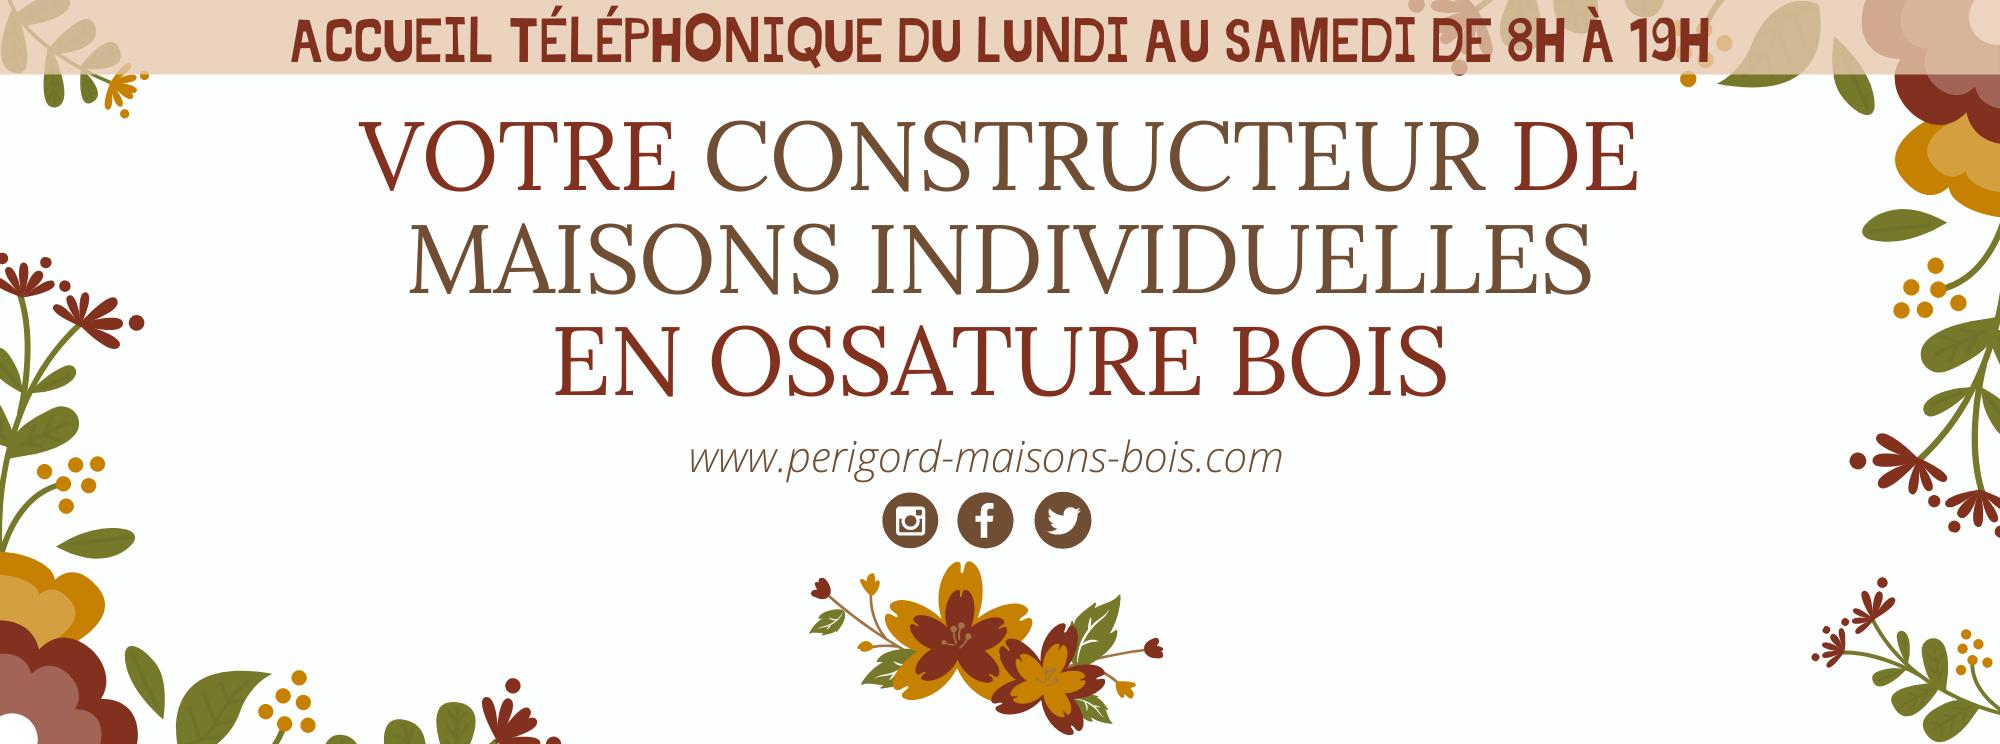 printemps constructeur de maisons individuelles périgord maisons bois